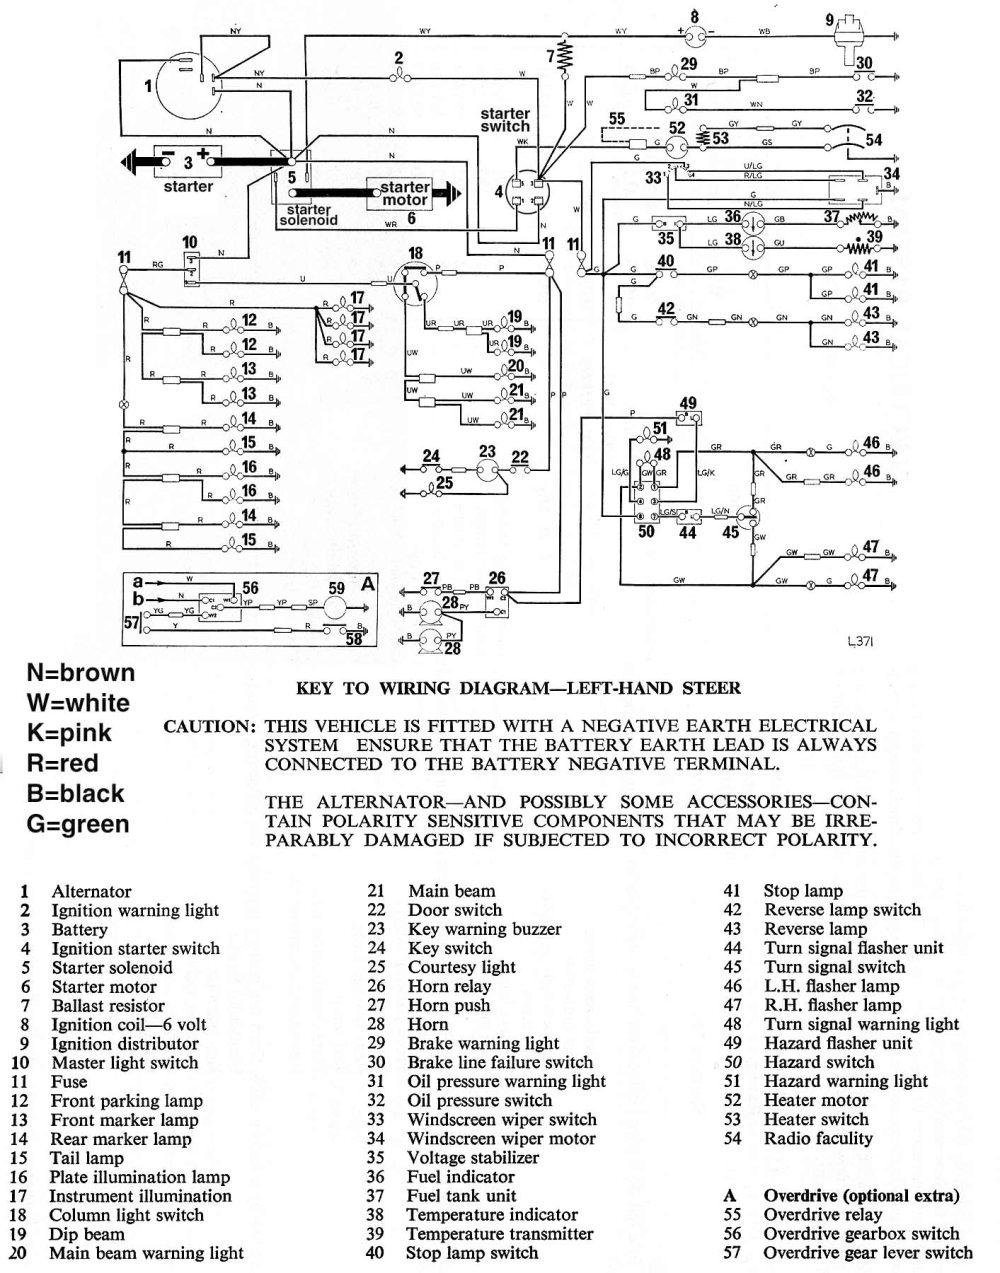 medium resolution of 12 volt triumph wiring diagram wiring diagram autovehicle 12 volt triumph wiring diagram schematic